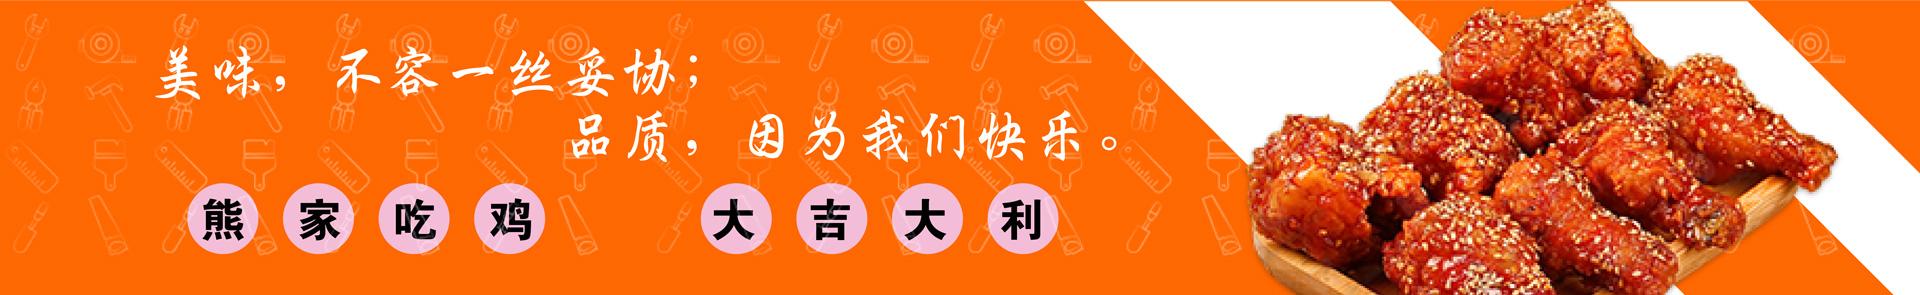 http://www.mucongcy.com/data/images/slide/20200716095248_919.jpg